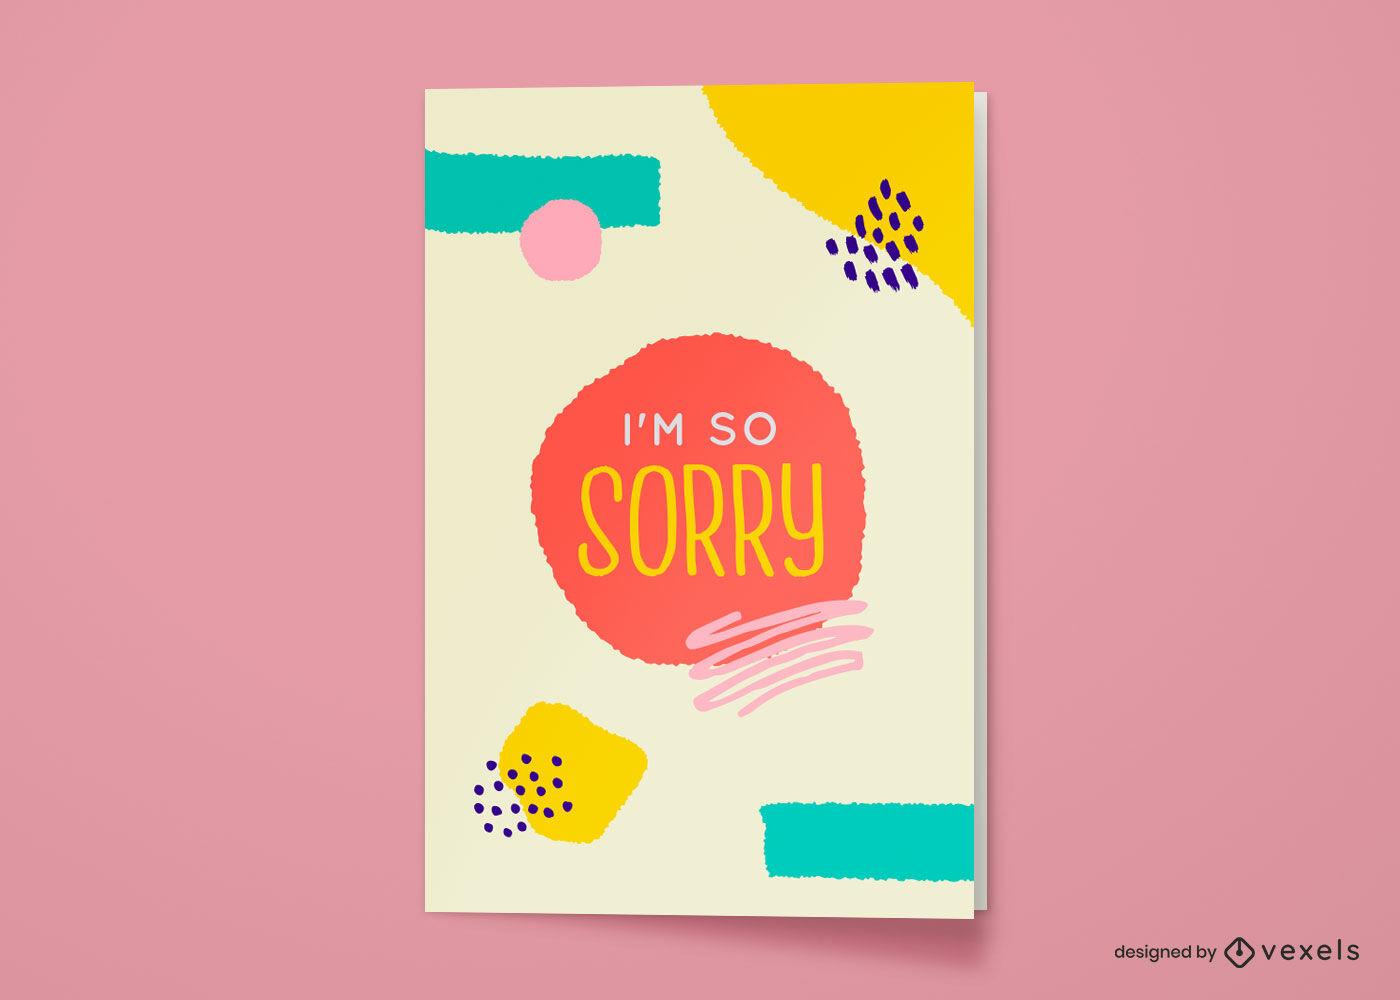 Lo siento mucho diseño abstracto de la tarjeta de felicitación